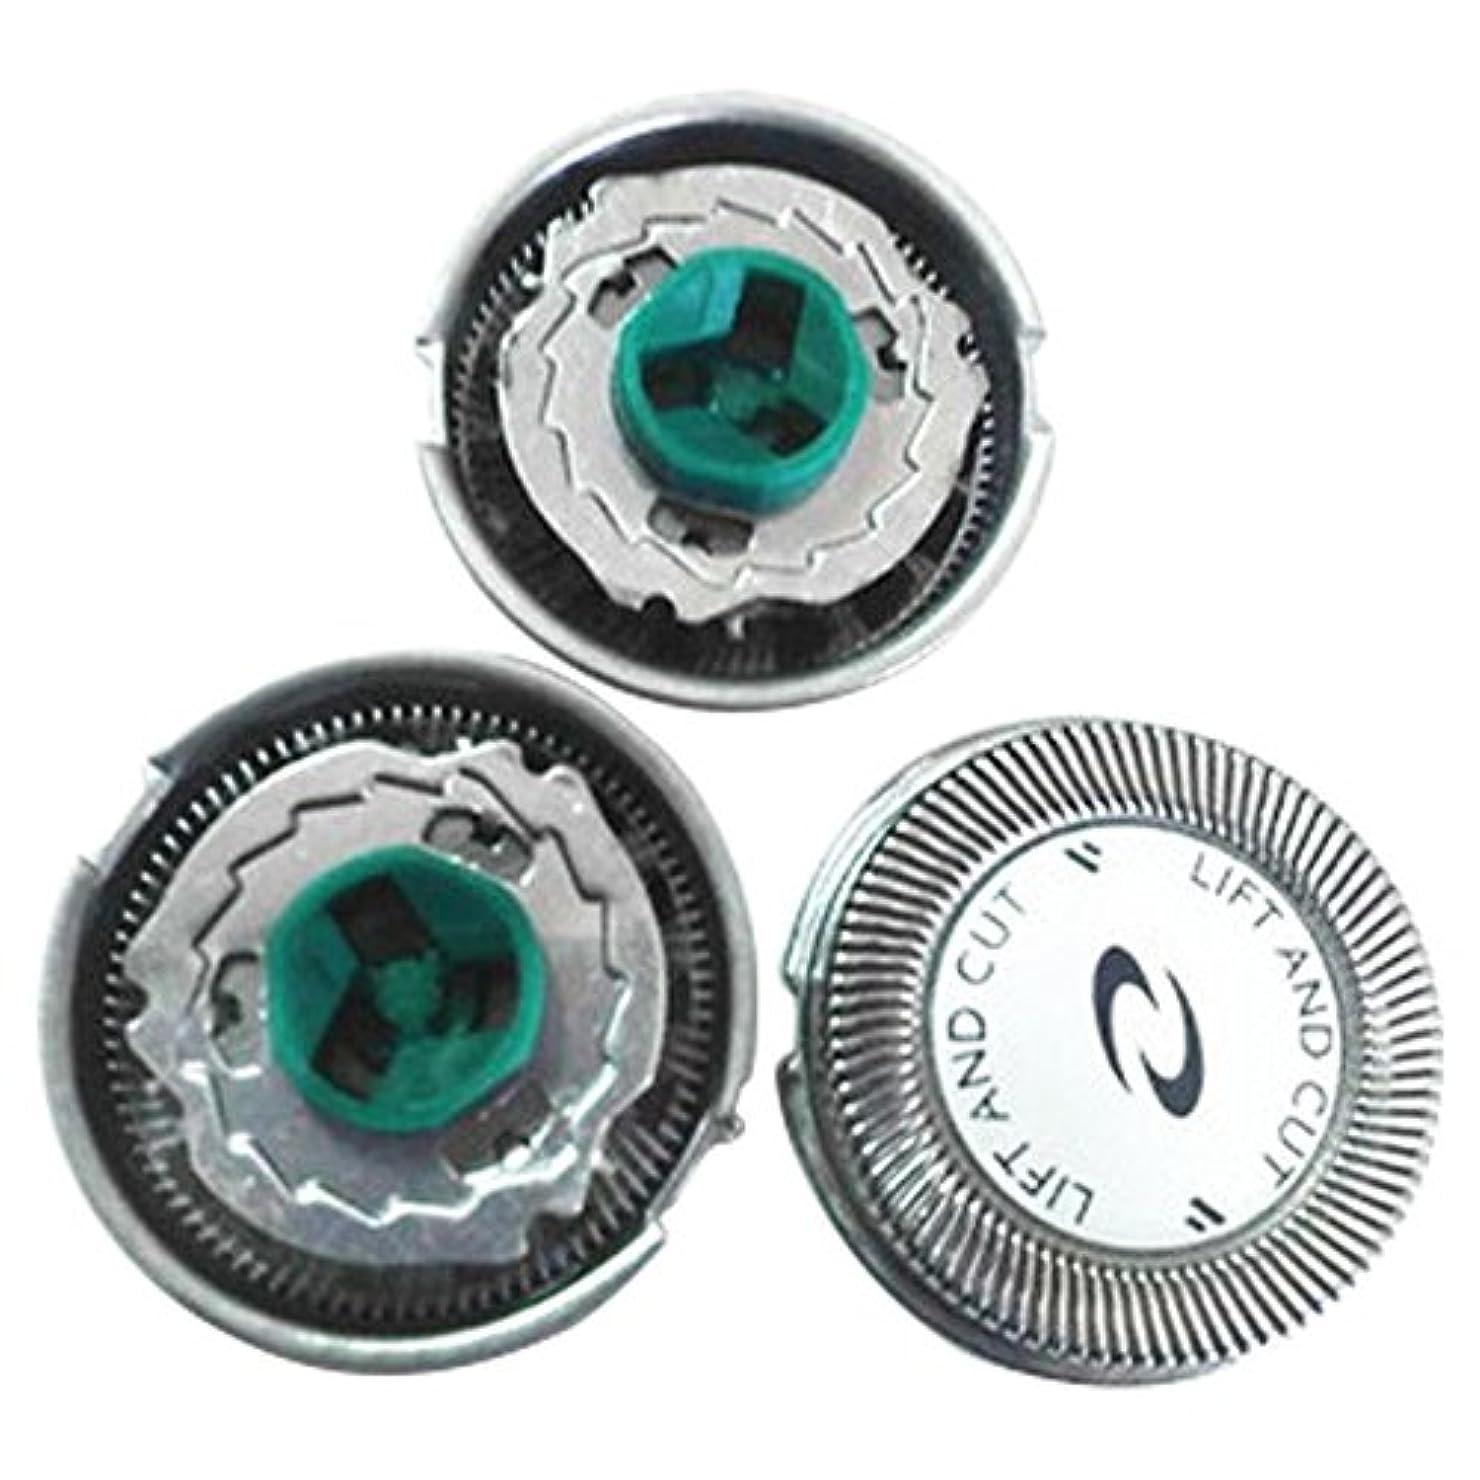 ベイビー恒久的Deylaying 置換 シェーバー かみそり 頭 刃 for Philips HQ7310 PT720 PT725 HQ7140 HQ7390